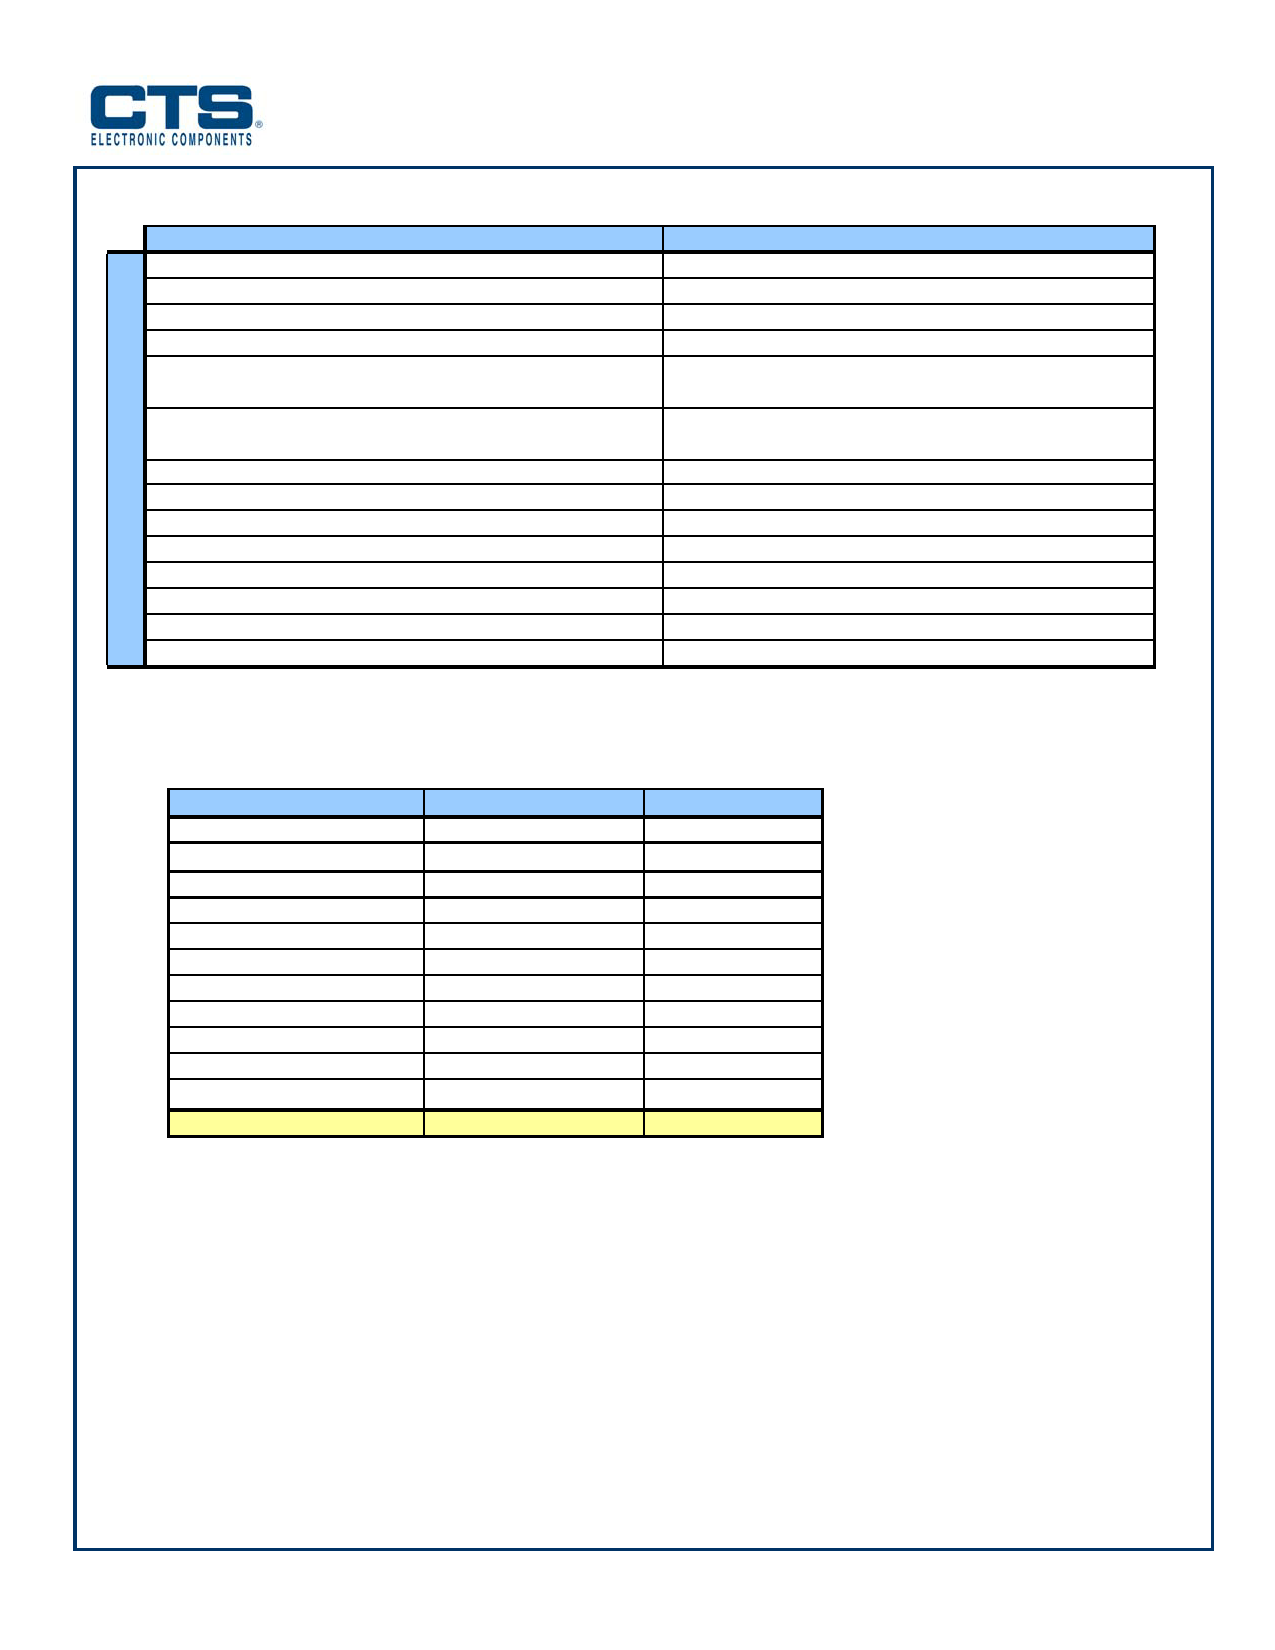 MP122B pdf, ピン配列